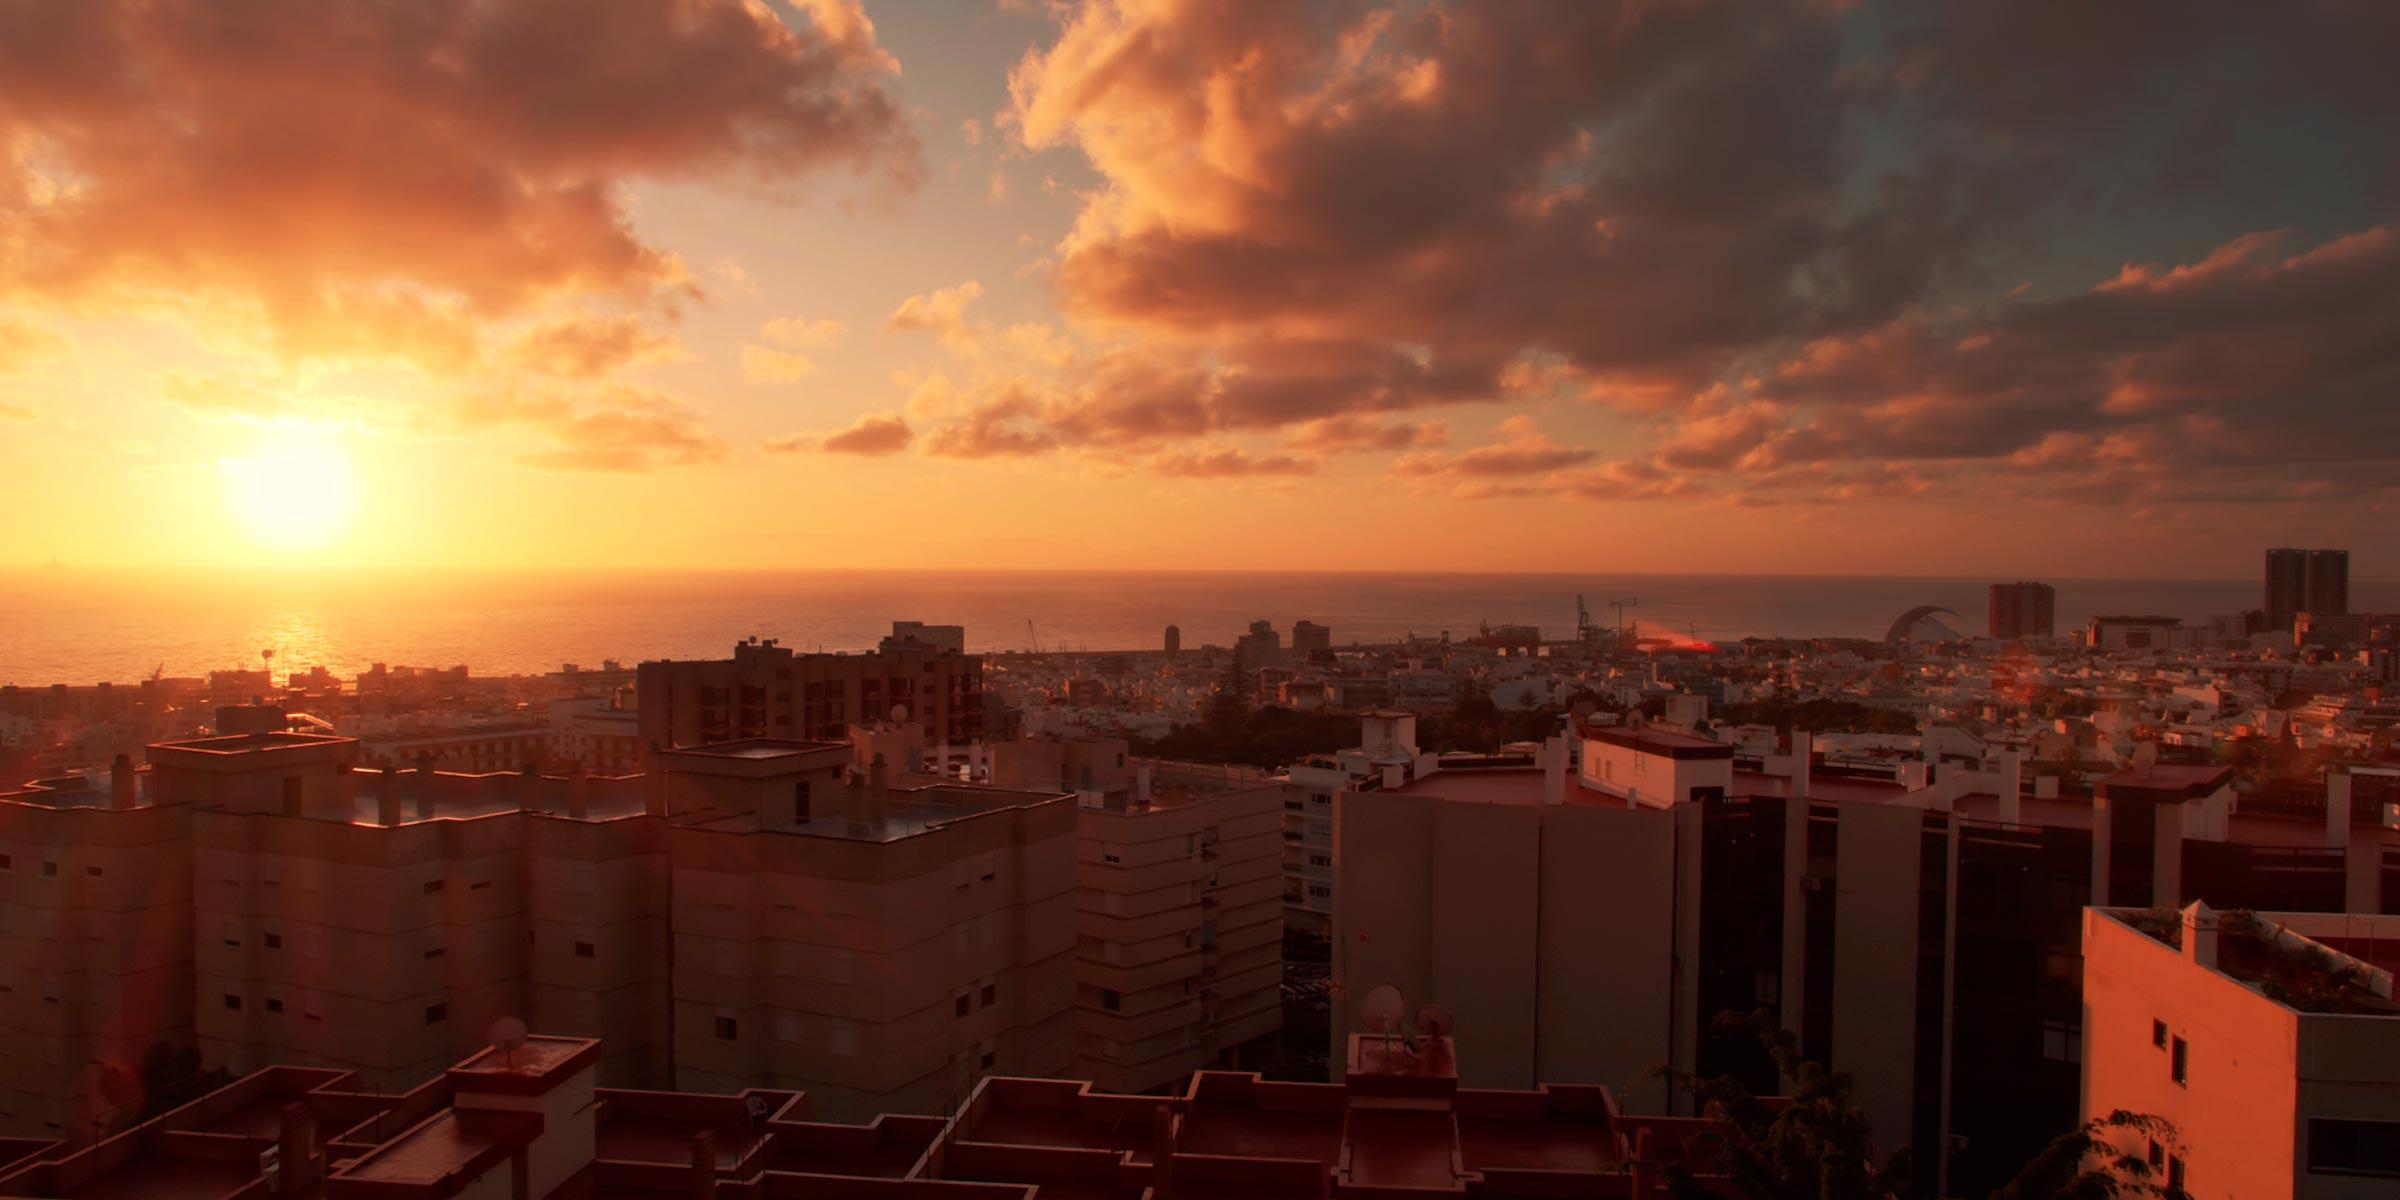 Vista de Santa Cruz de Tenerife. Tenerife, España.